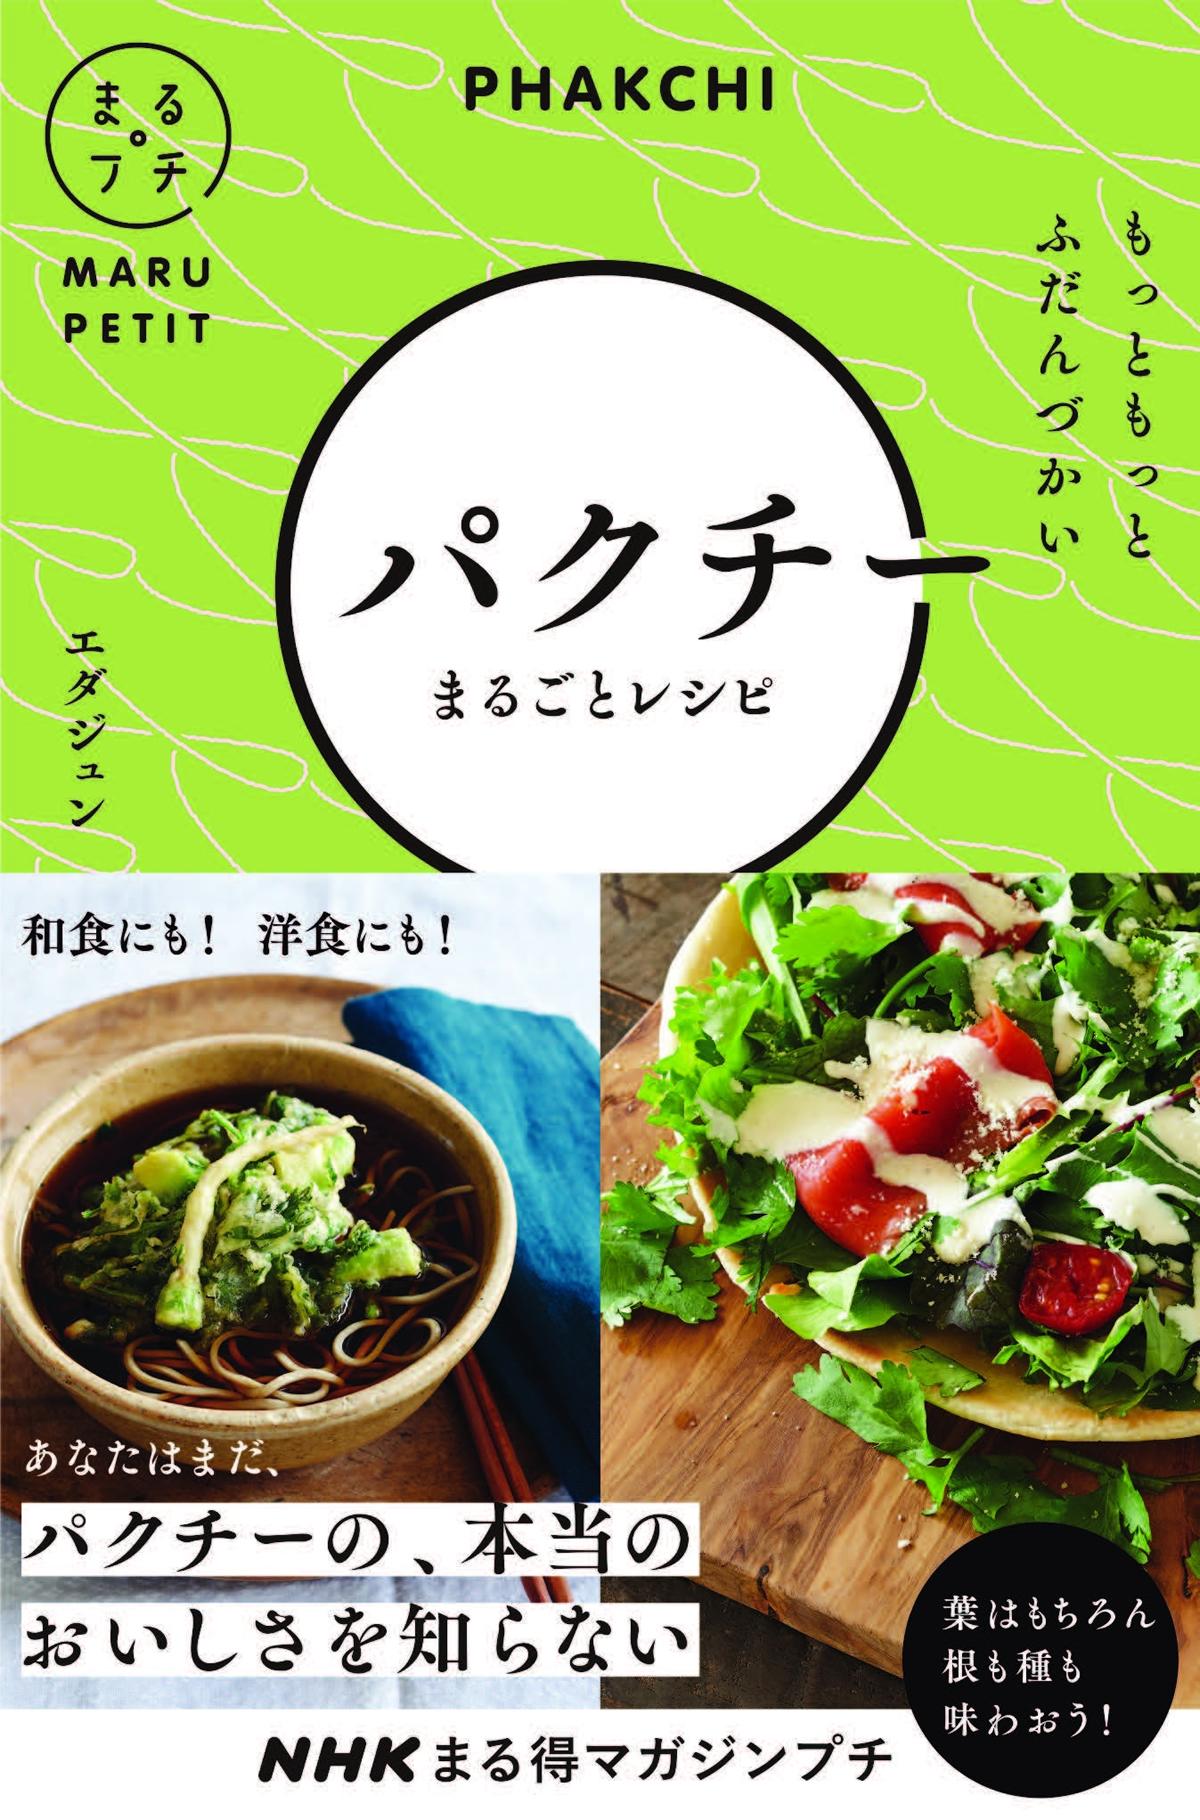 「NHK まる得マガジンプチ もっともっと ふだんづかい パクチーまるごとレシピ」発売